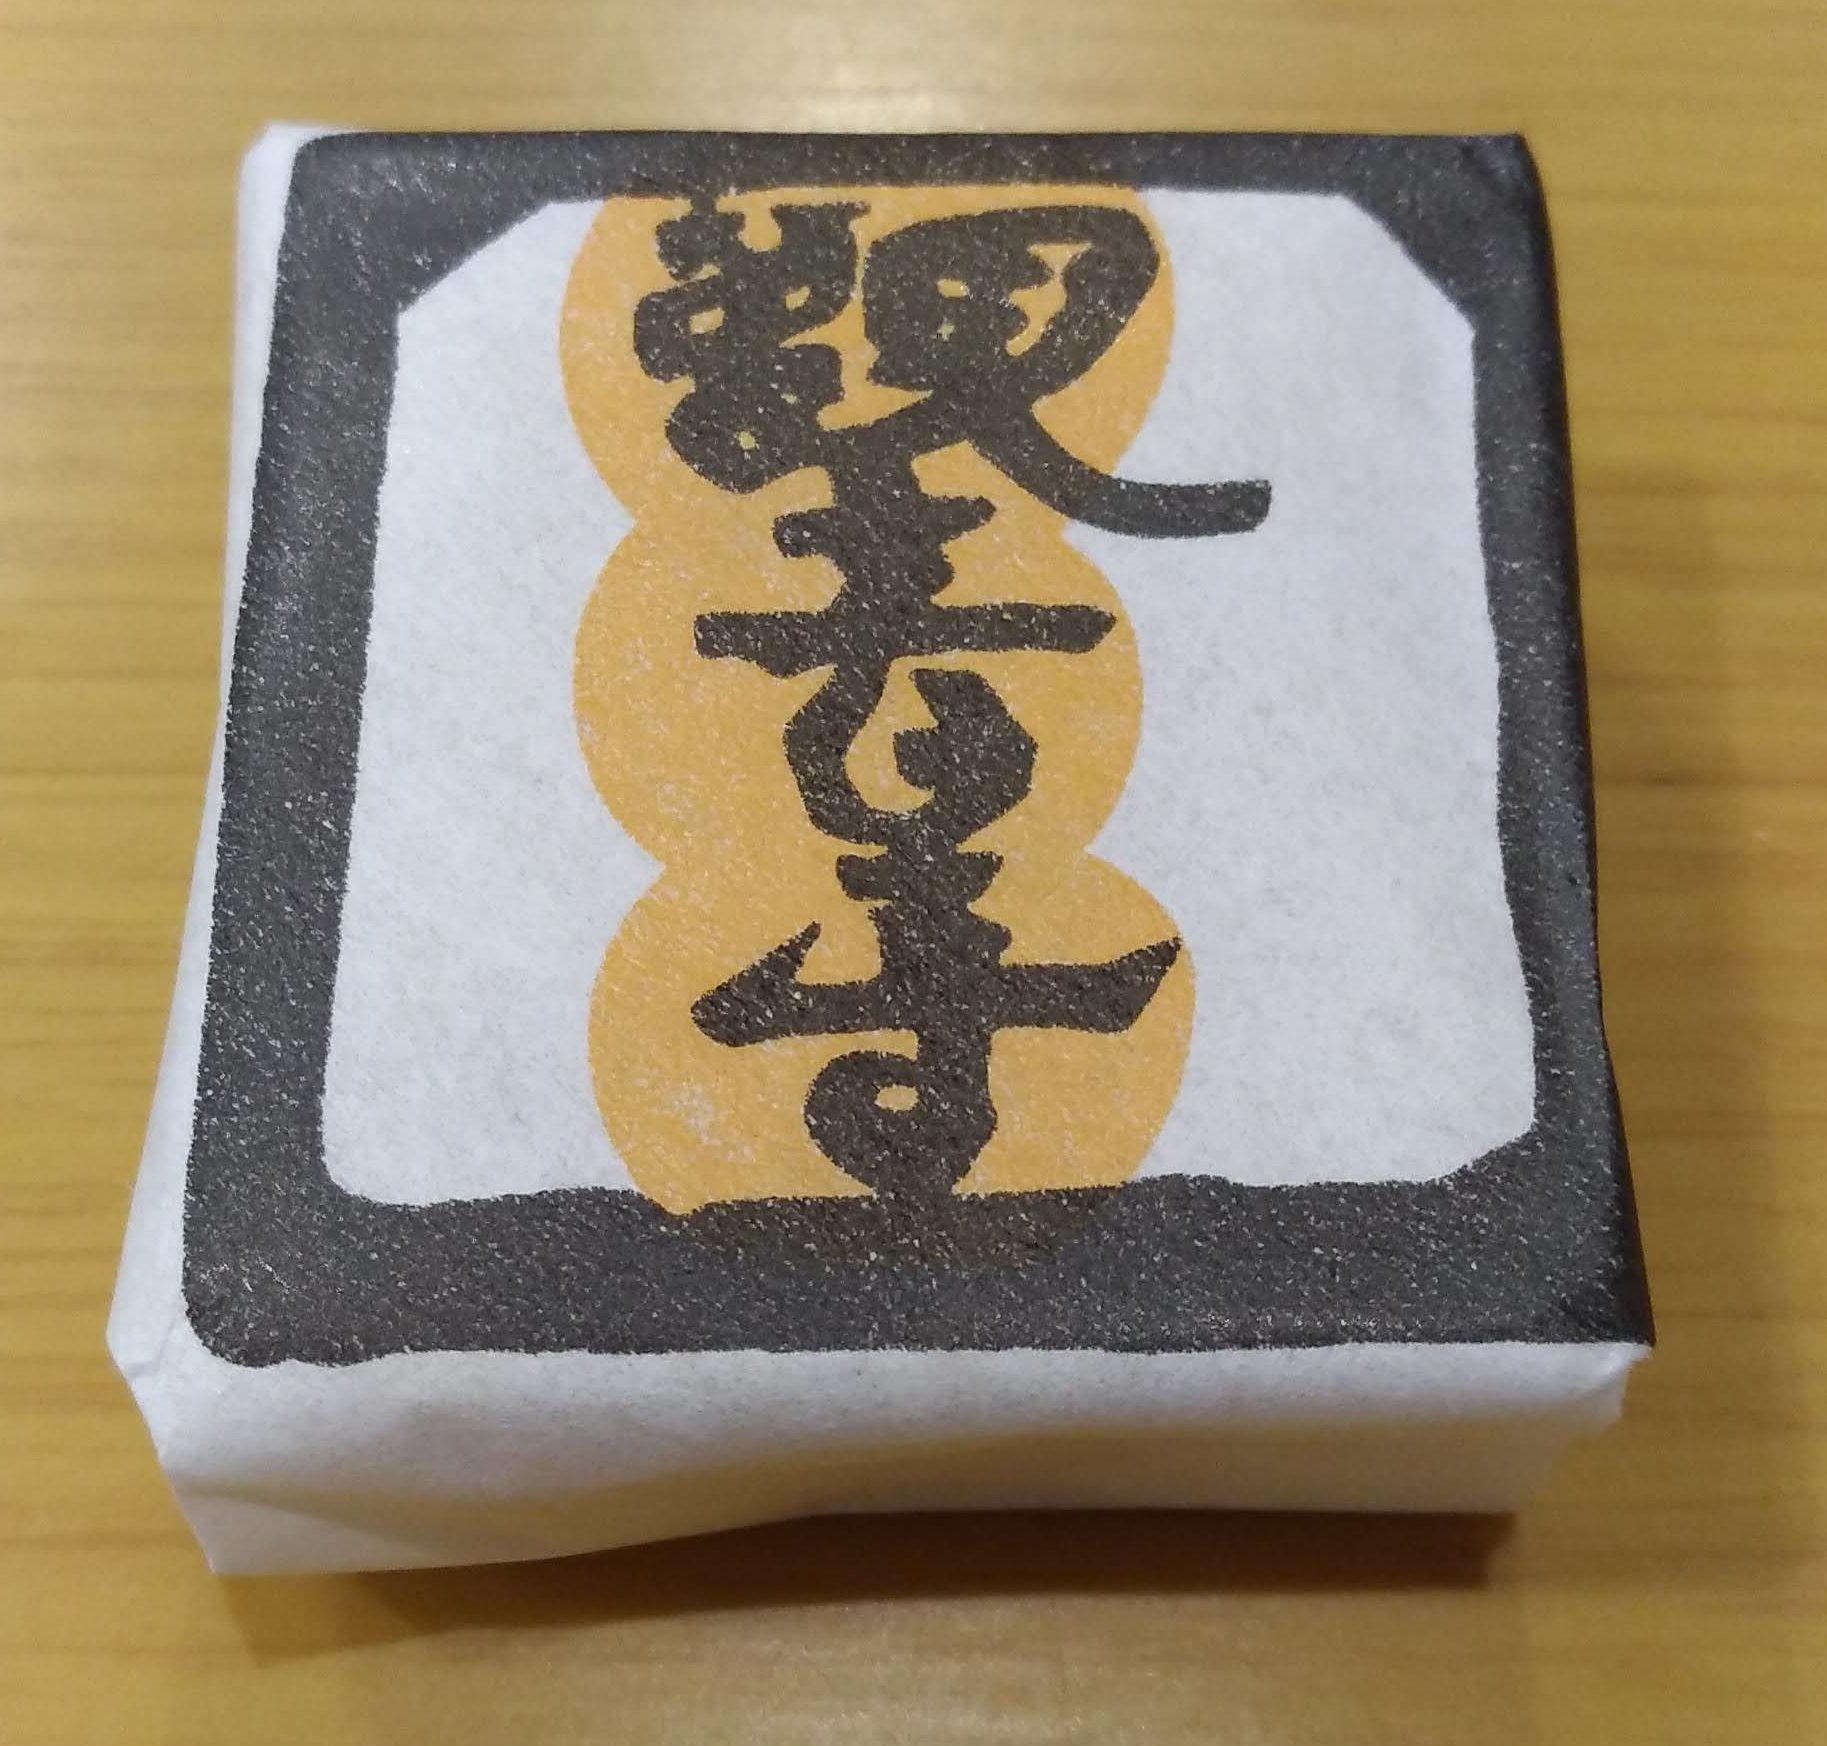 【おすすめ】香川県の知られざる絶品お土産┃白栄堂 銘菓観音寺